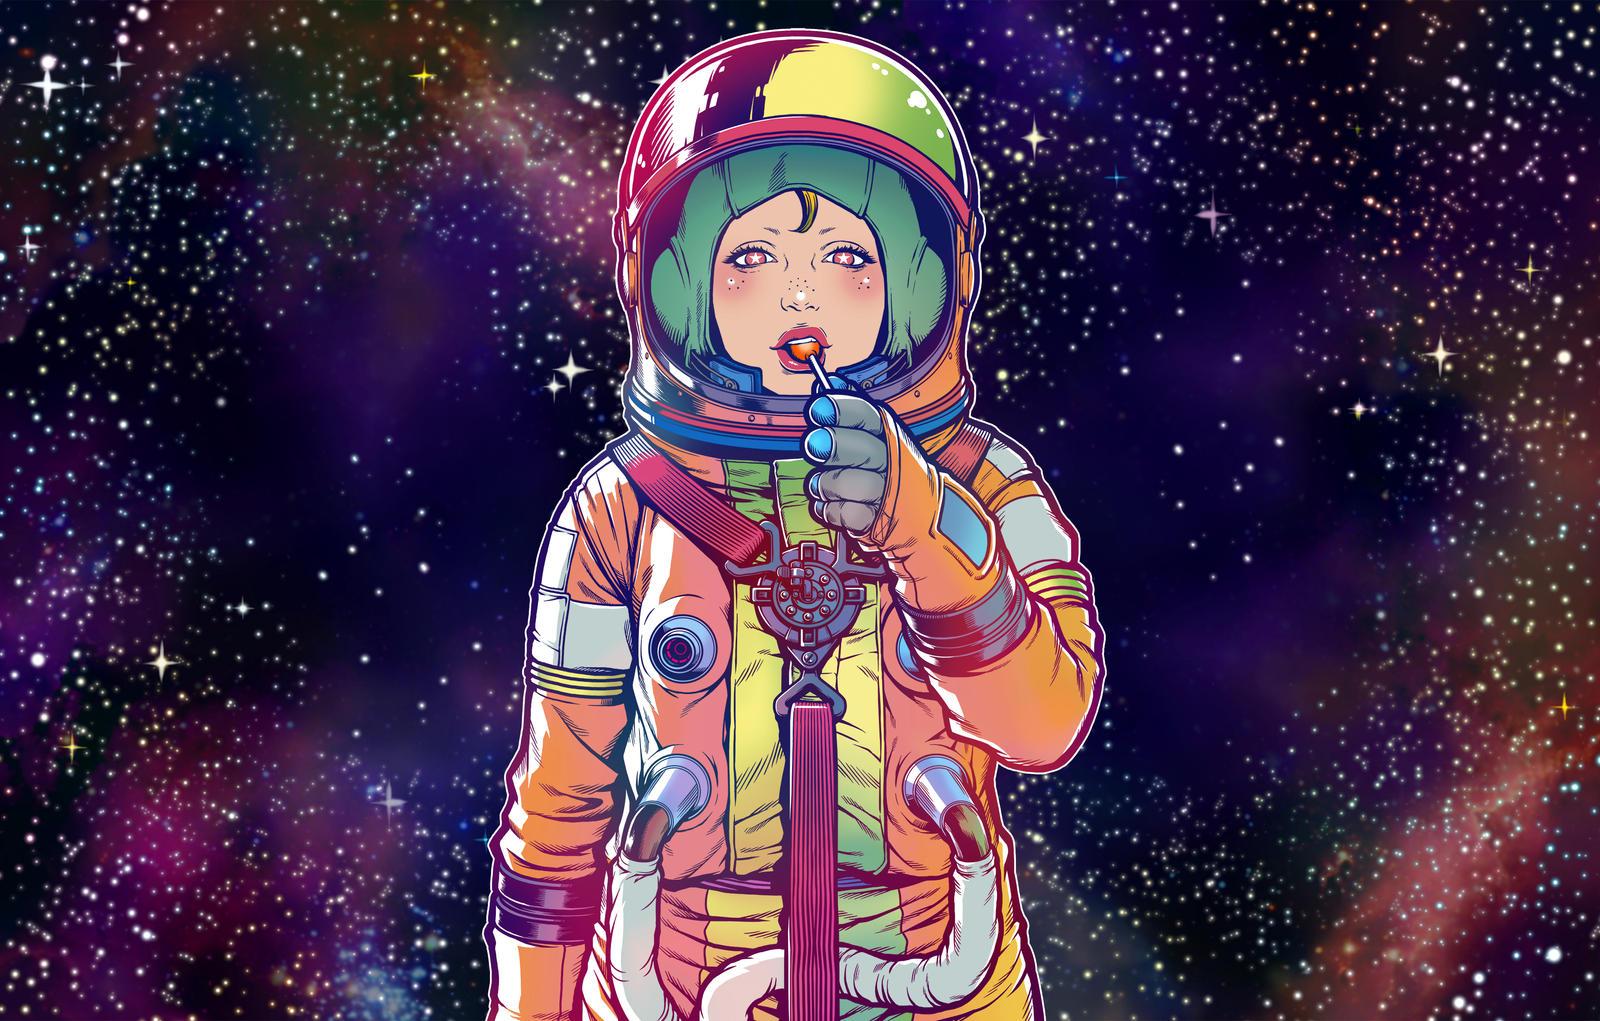 Galaxy lollipop candy by motoichi69